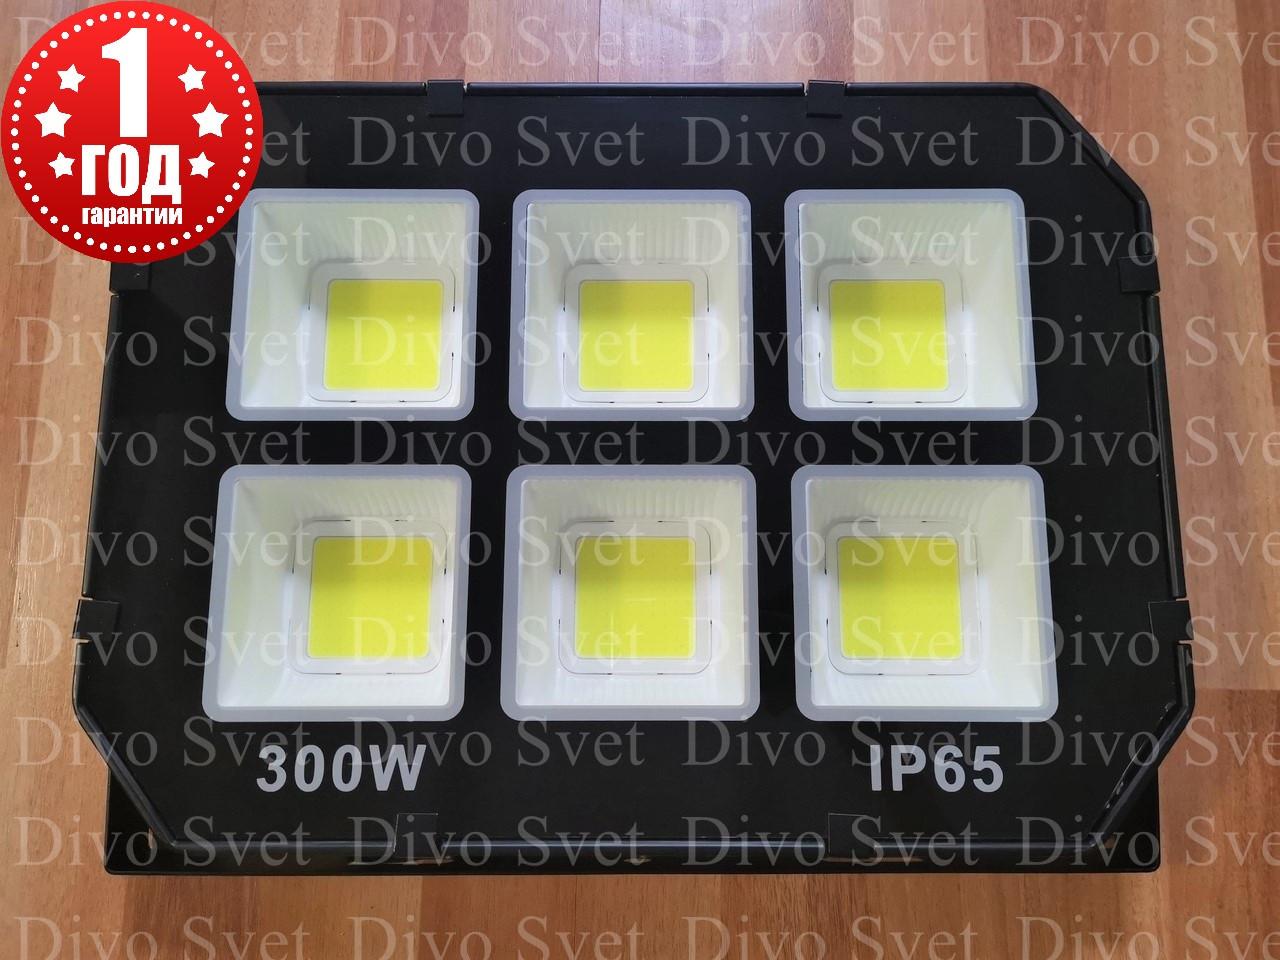 """Прожектор светодиодный GL 300 W """"Стандарт"""" серия. Прожекторы уличные IP65, чёрный корпус."""